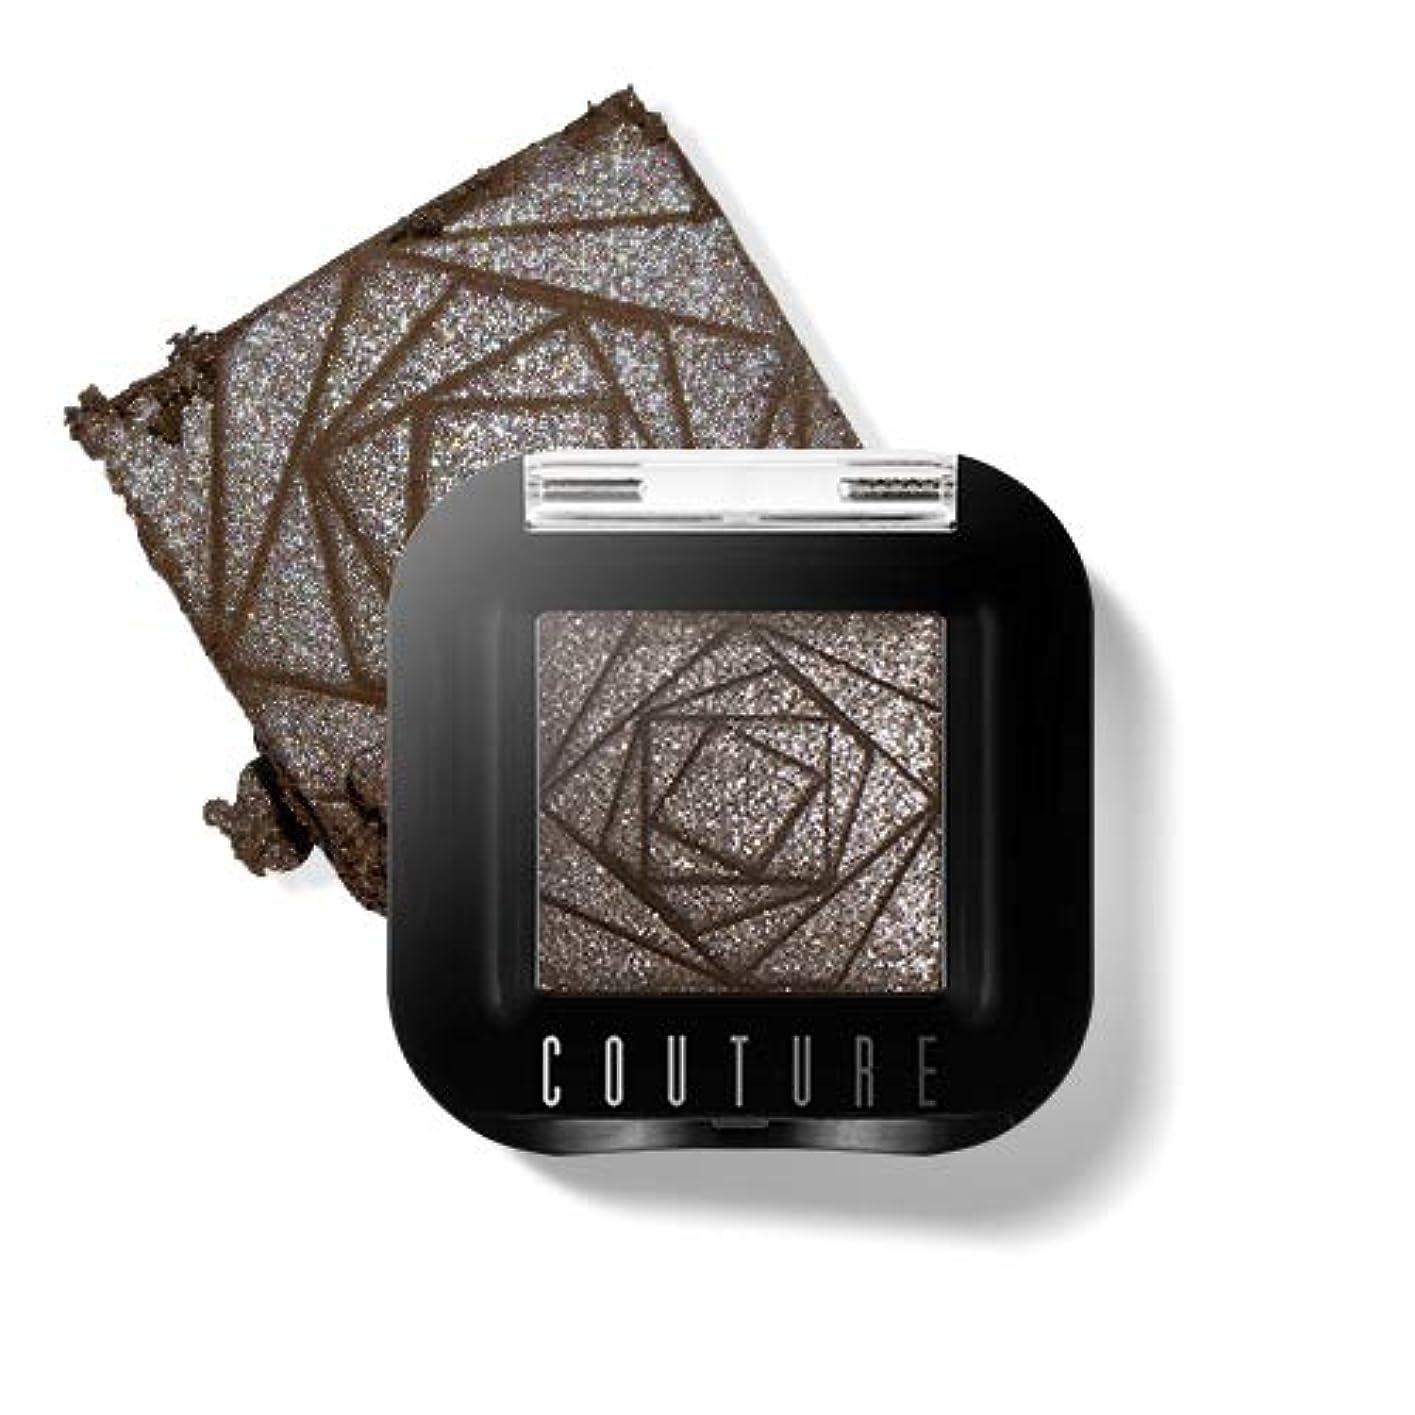 同等の重大伝統APIEU Couture Shadow (# 25) /アピュ/オピュ クチュールシャドウ 1.7g [並行輸入品]